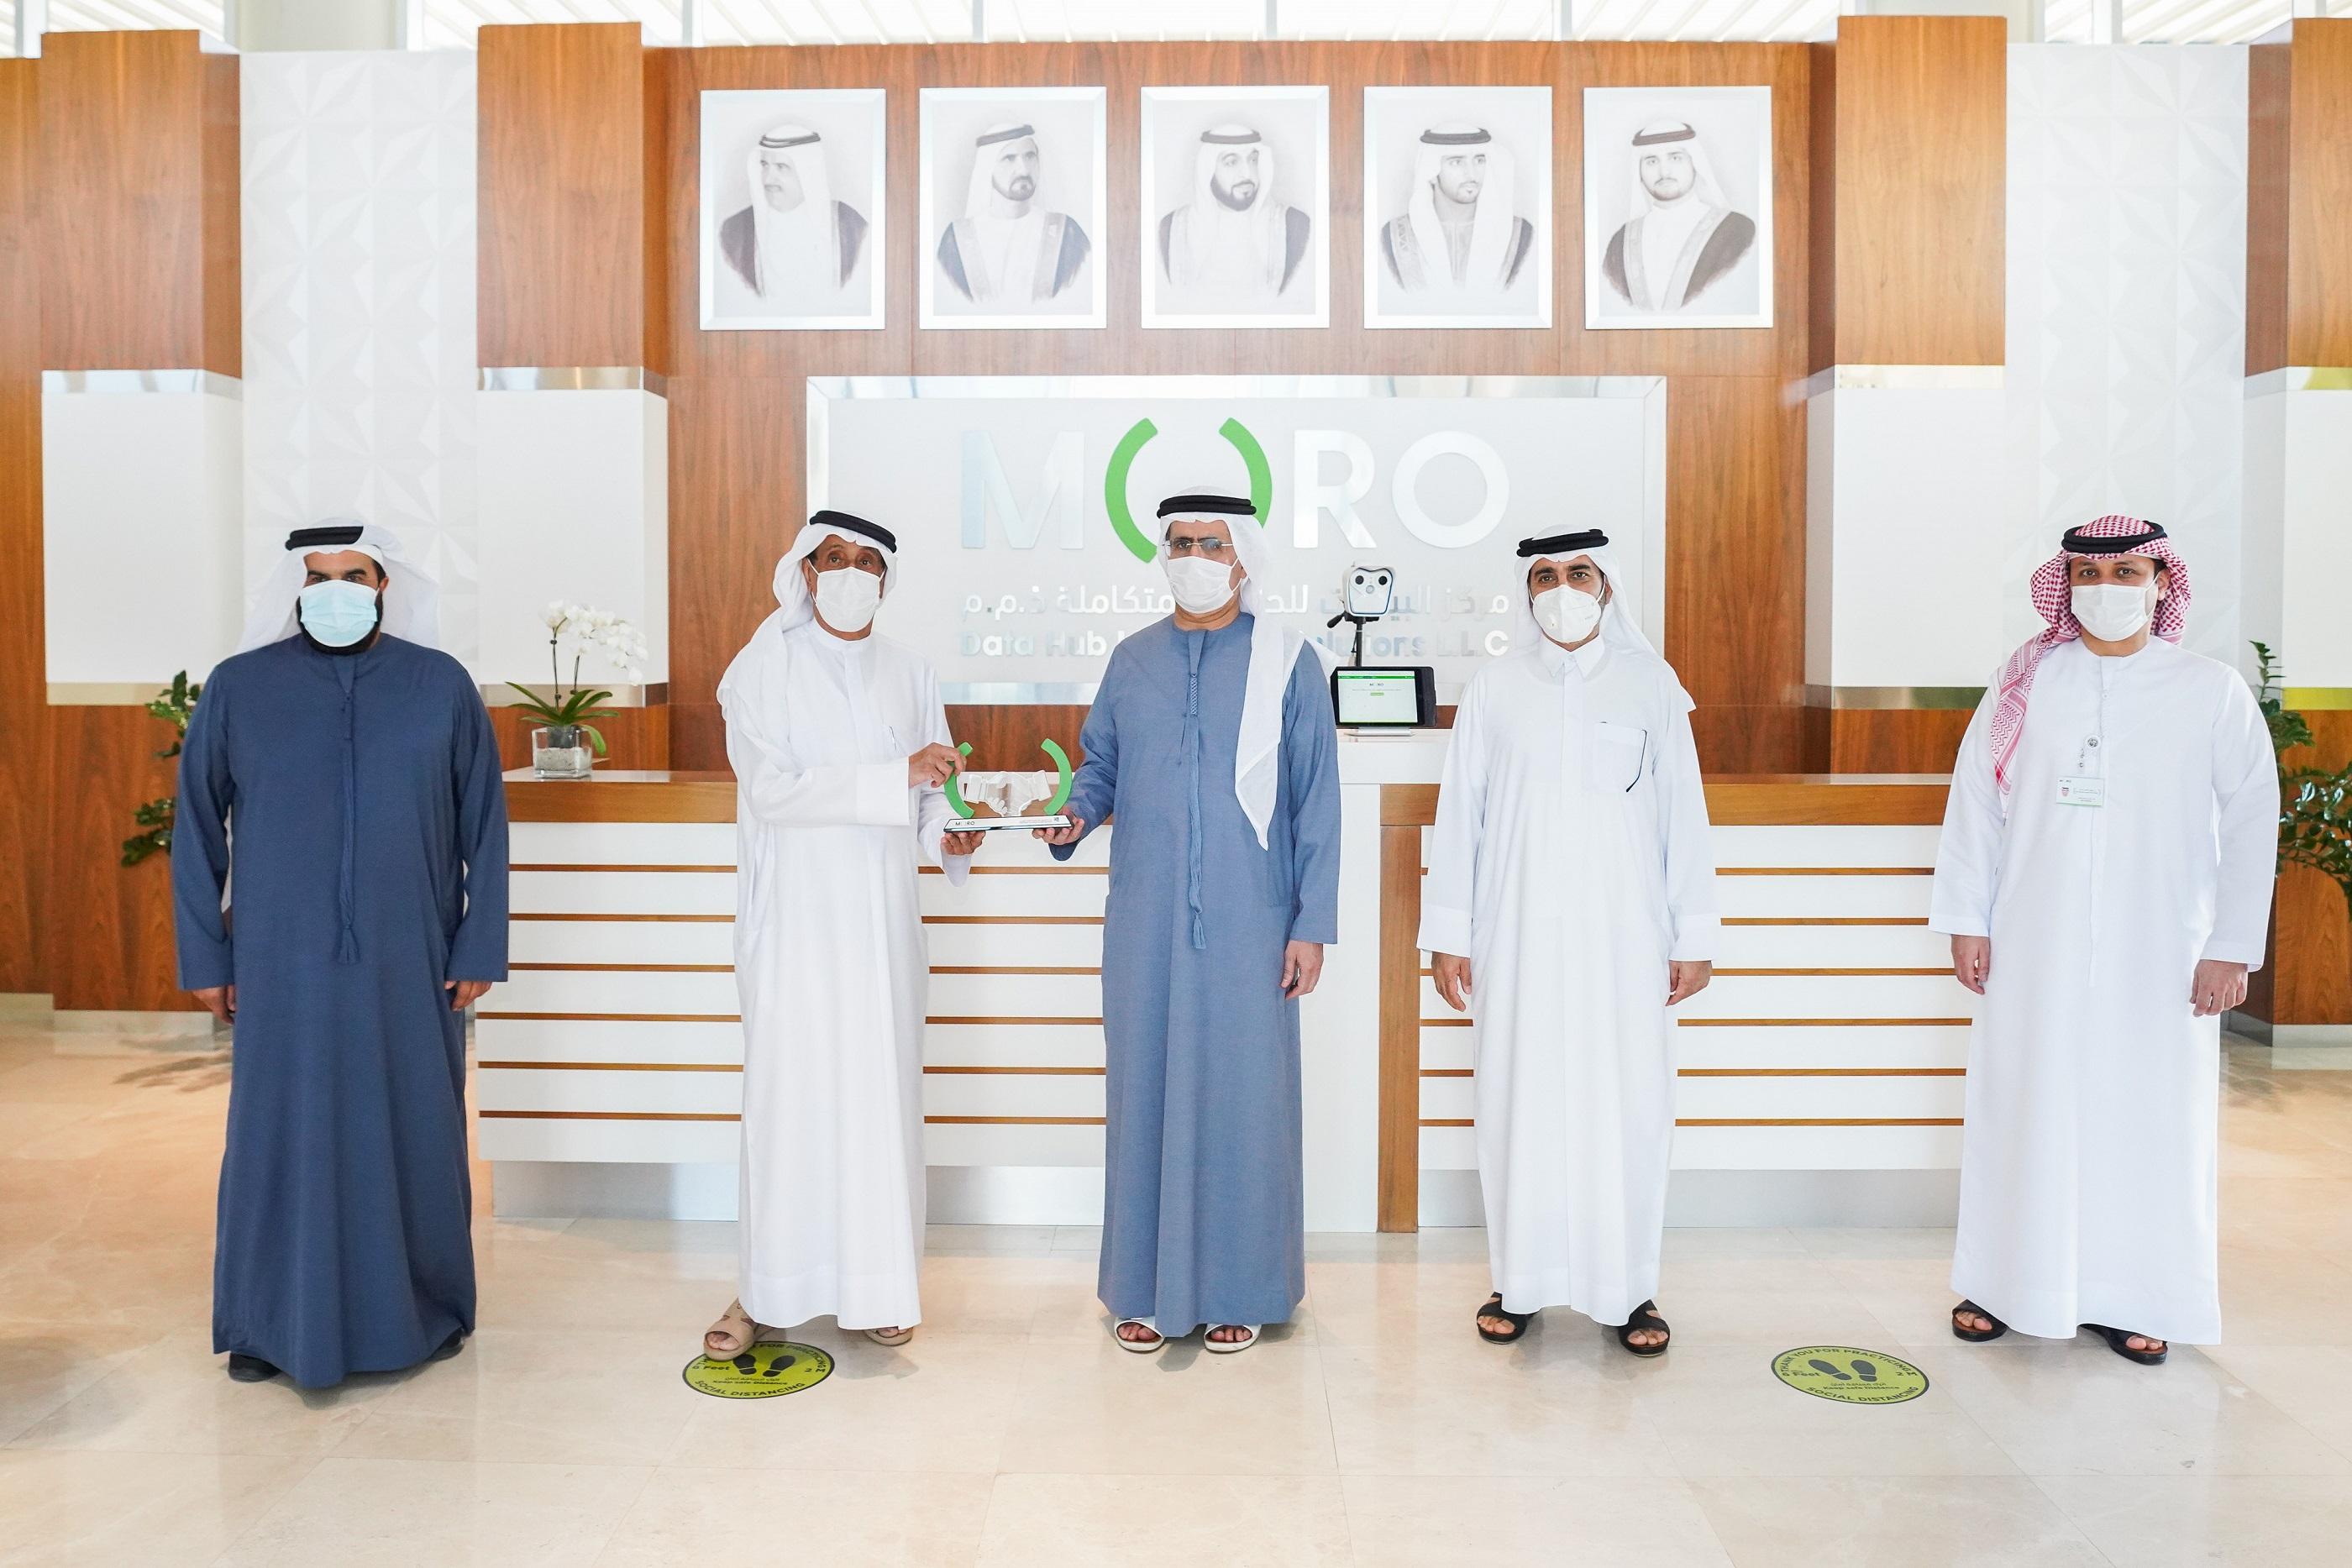 دائرة الشؤون الإسلامية والعمل الخيري في دبي تُوقِّع اتفاقية مع مركز البيانات للحلول المتكاملة (مورو)